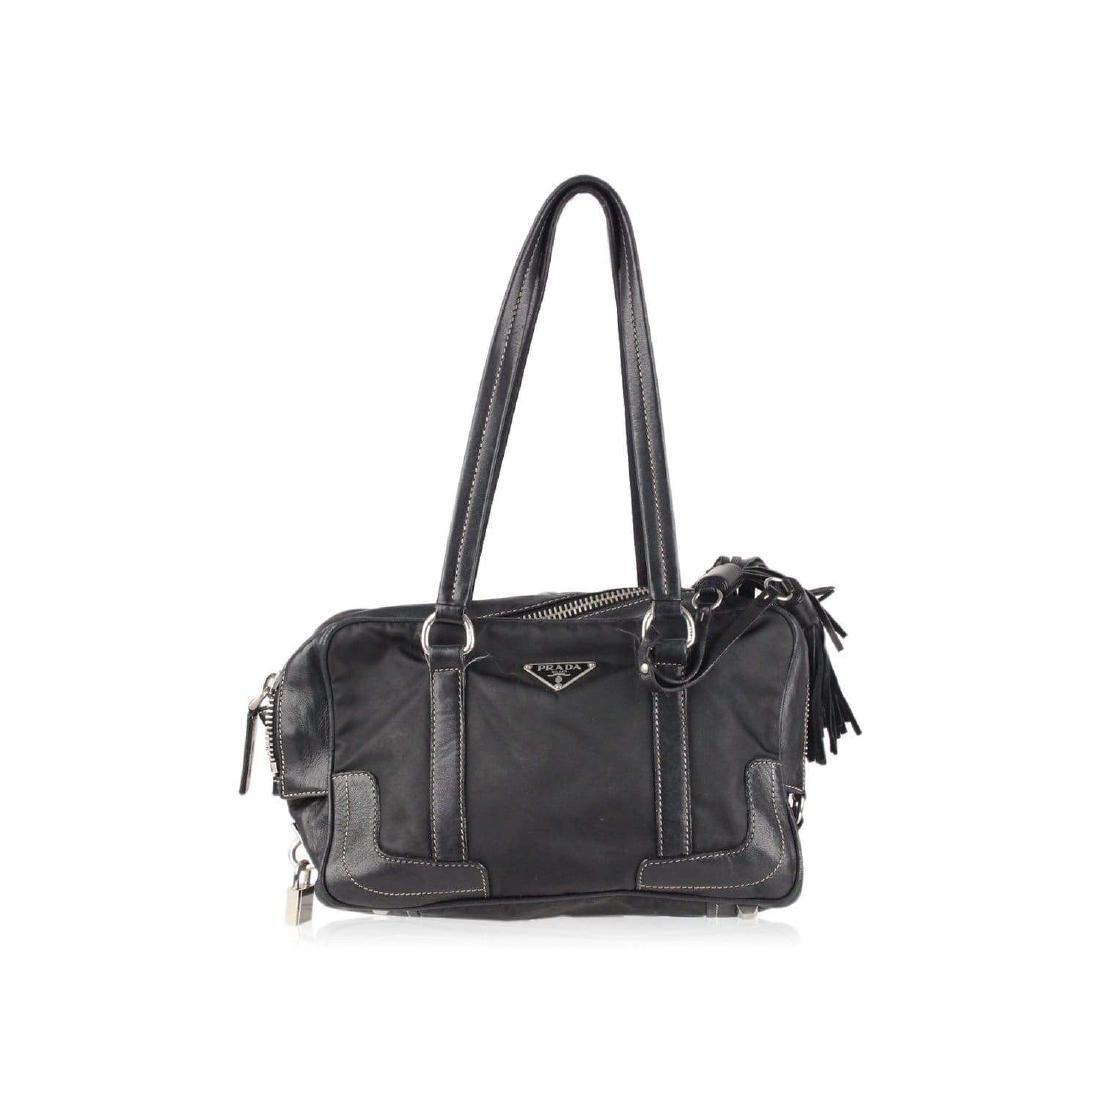 Prada Shoulder Bag with Tassels